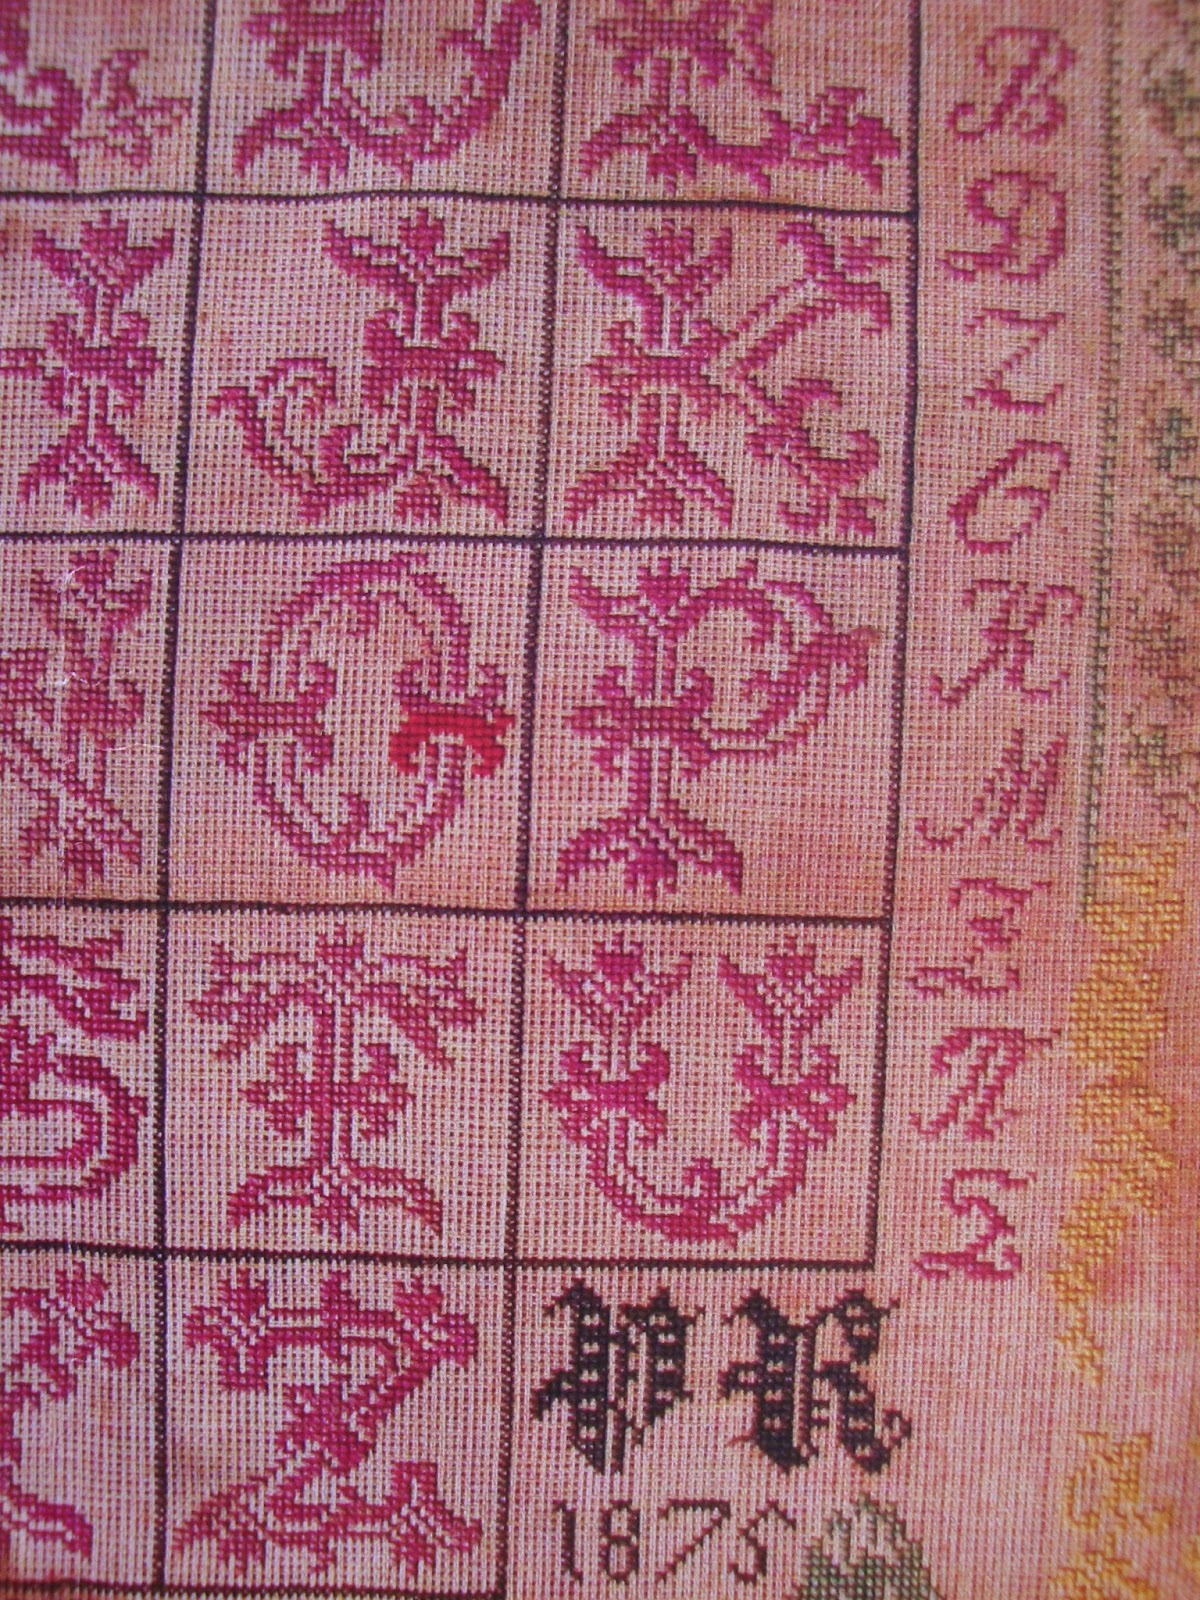 027b37bac872 Κάνετε κλικ εδώ για να δείτε μερικά ακόμη σχέδια σταυροβελονιά με τα  γράμματα του Ελληνικού αλφαβήτου . Click here to see some more cross stitch  patterns of ...